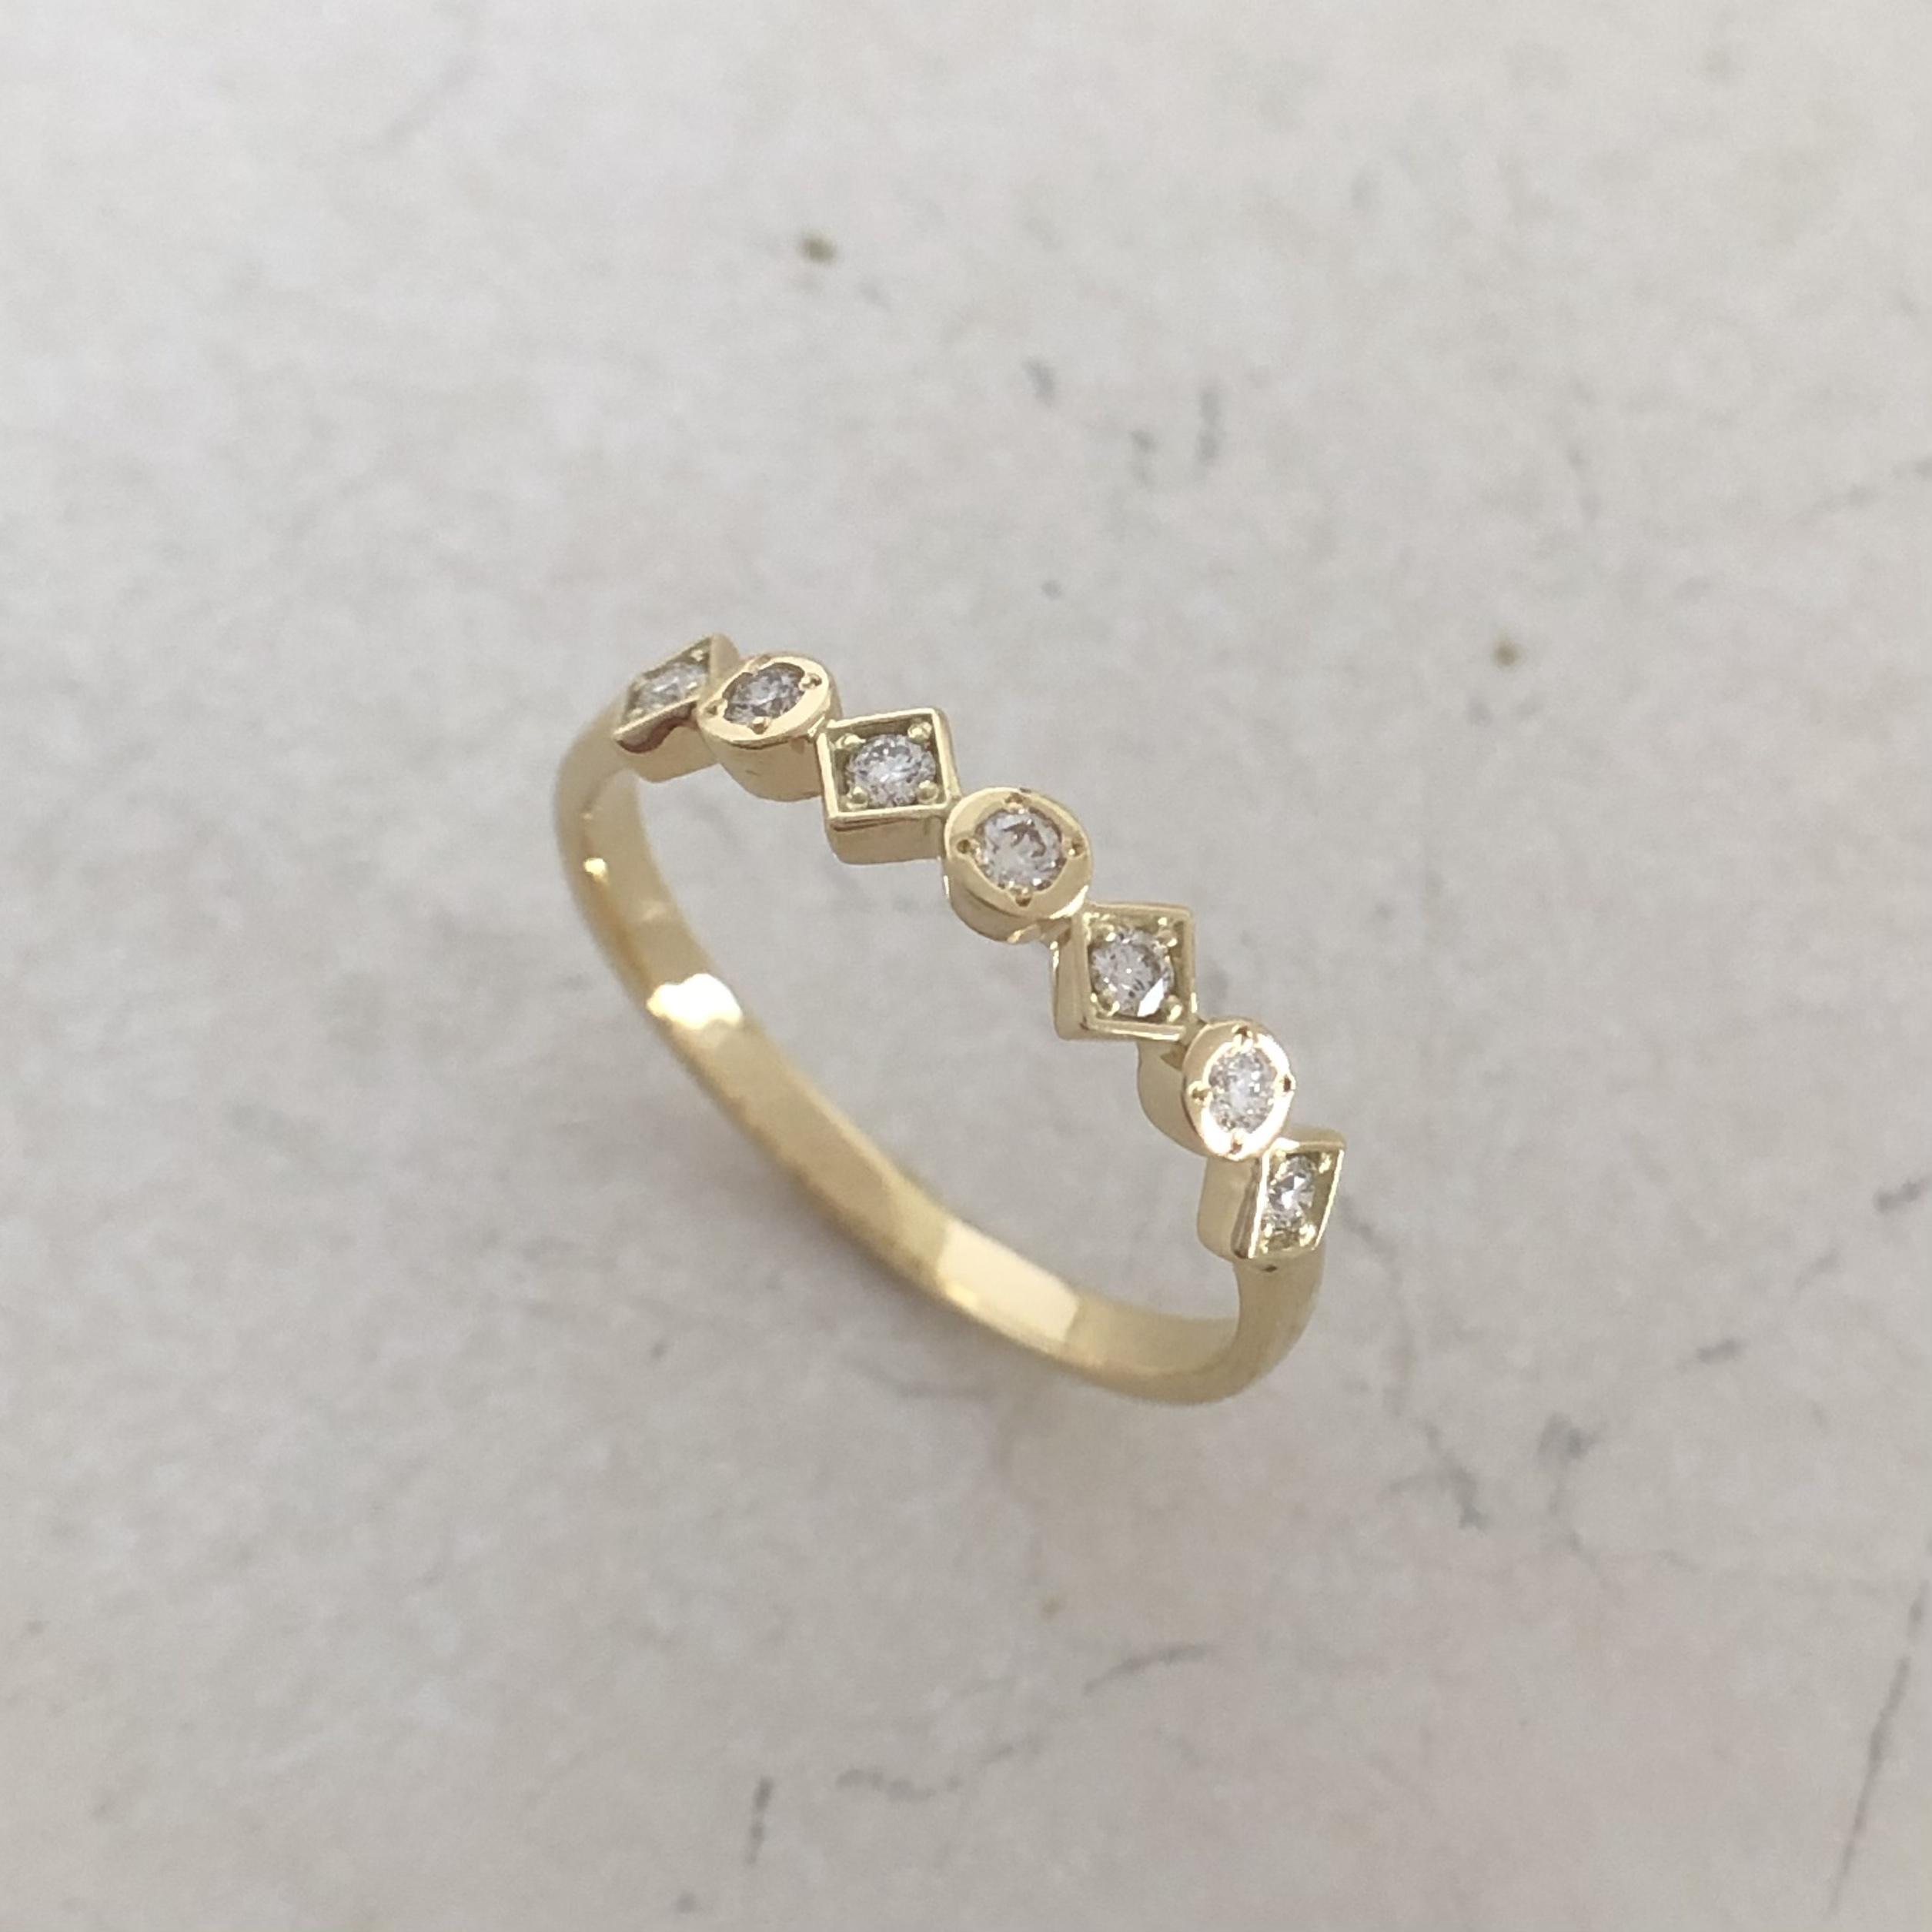 ハート& キューピッド ダイヤモンド リング  0.10ct  K18イエローゴールド  チェカ 鑑別書付